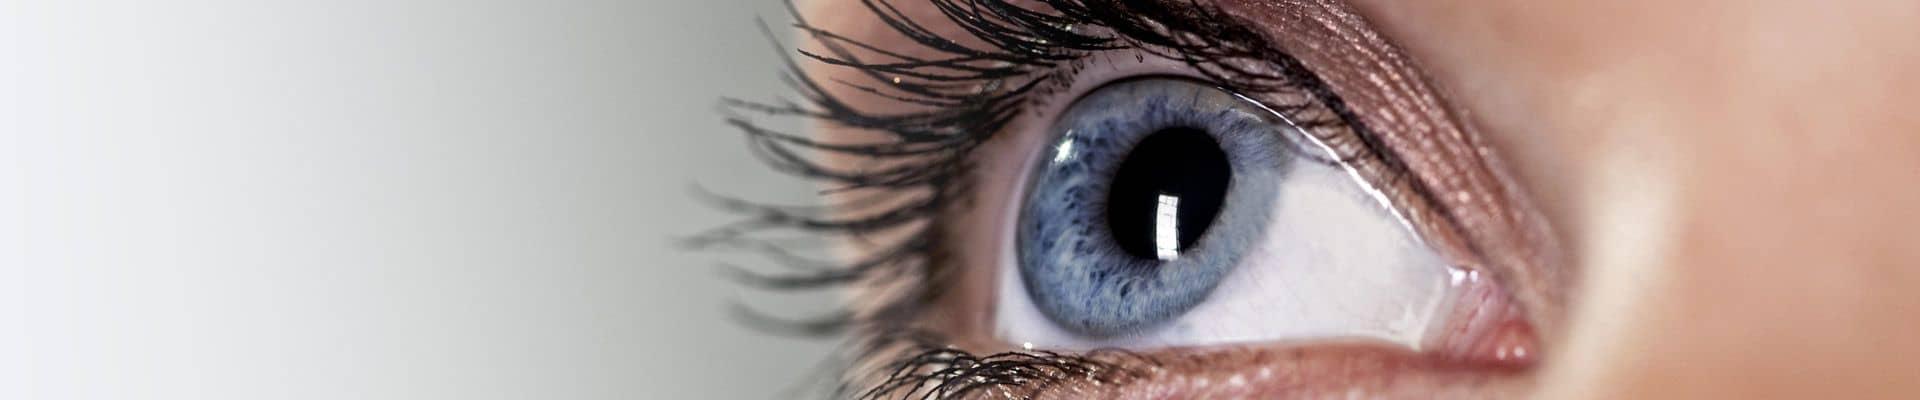 szemműtét a látás javítása érdekében